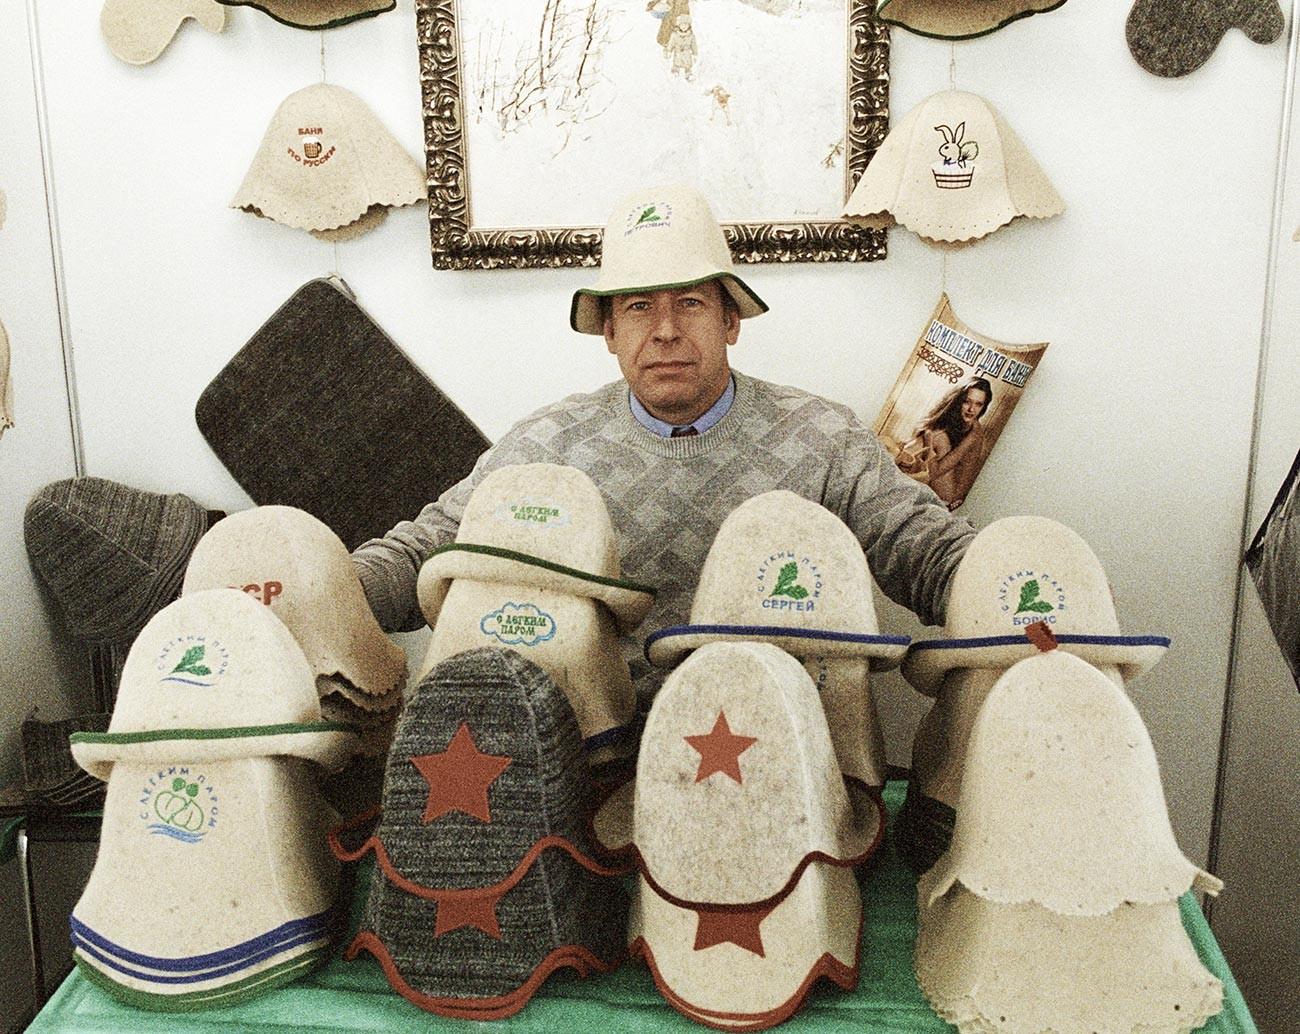 """Продавац капа на изложби """"Уметност живота на 'дачи' (у викенд-кући изван града)""""."""